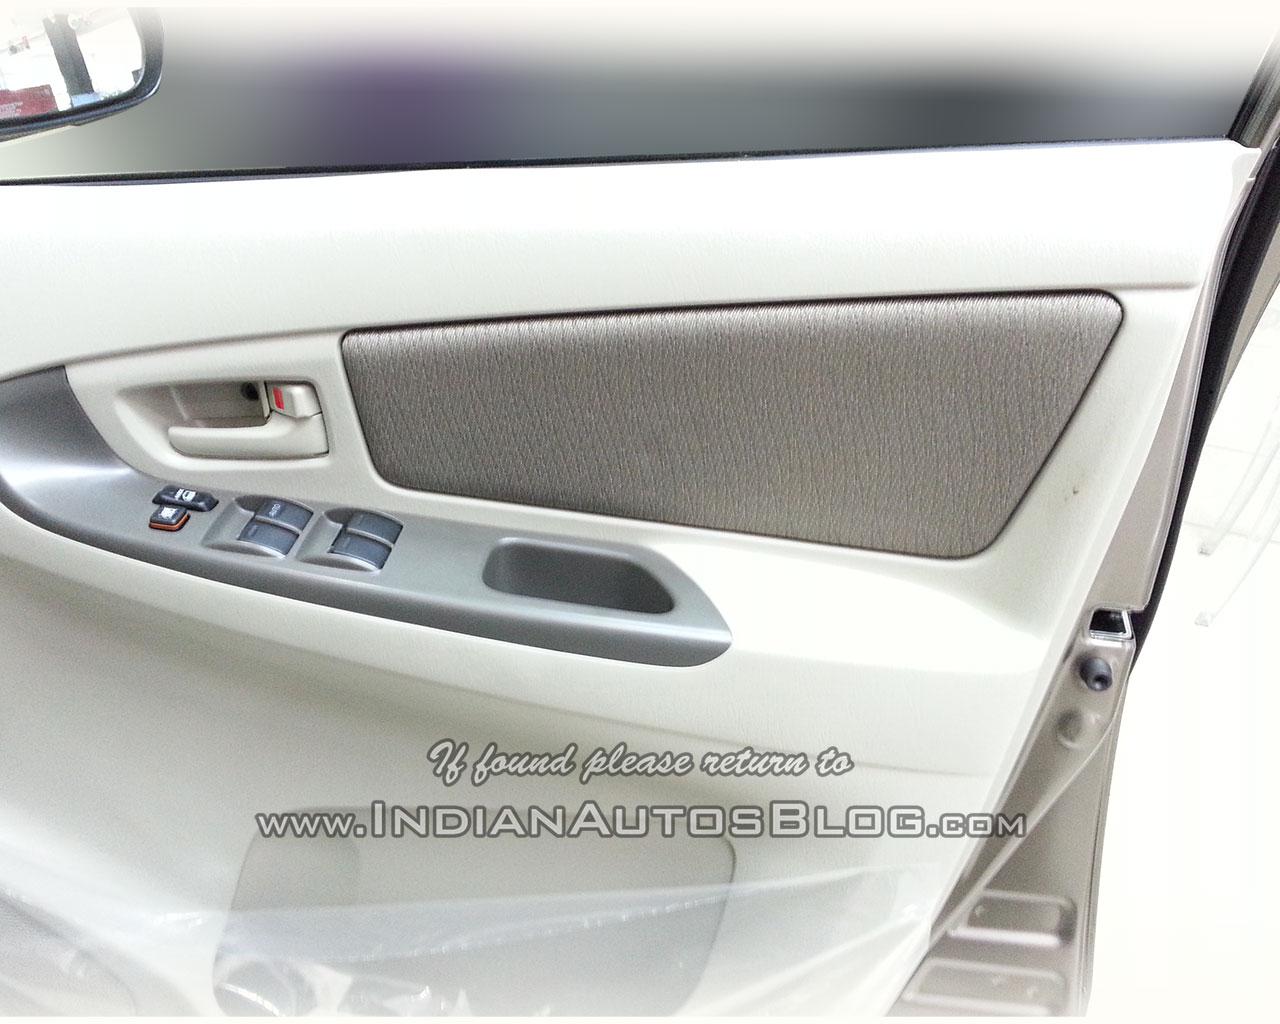 Toyota Innova Limited Edition door insert